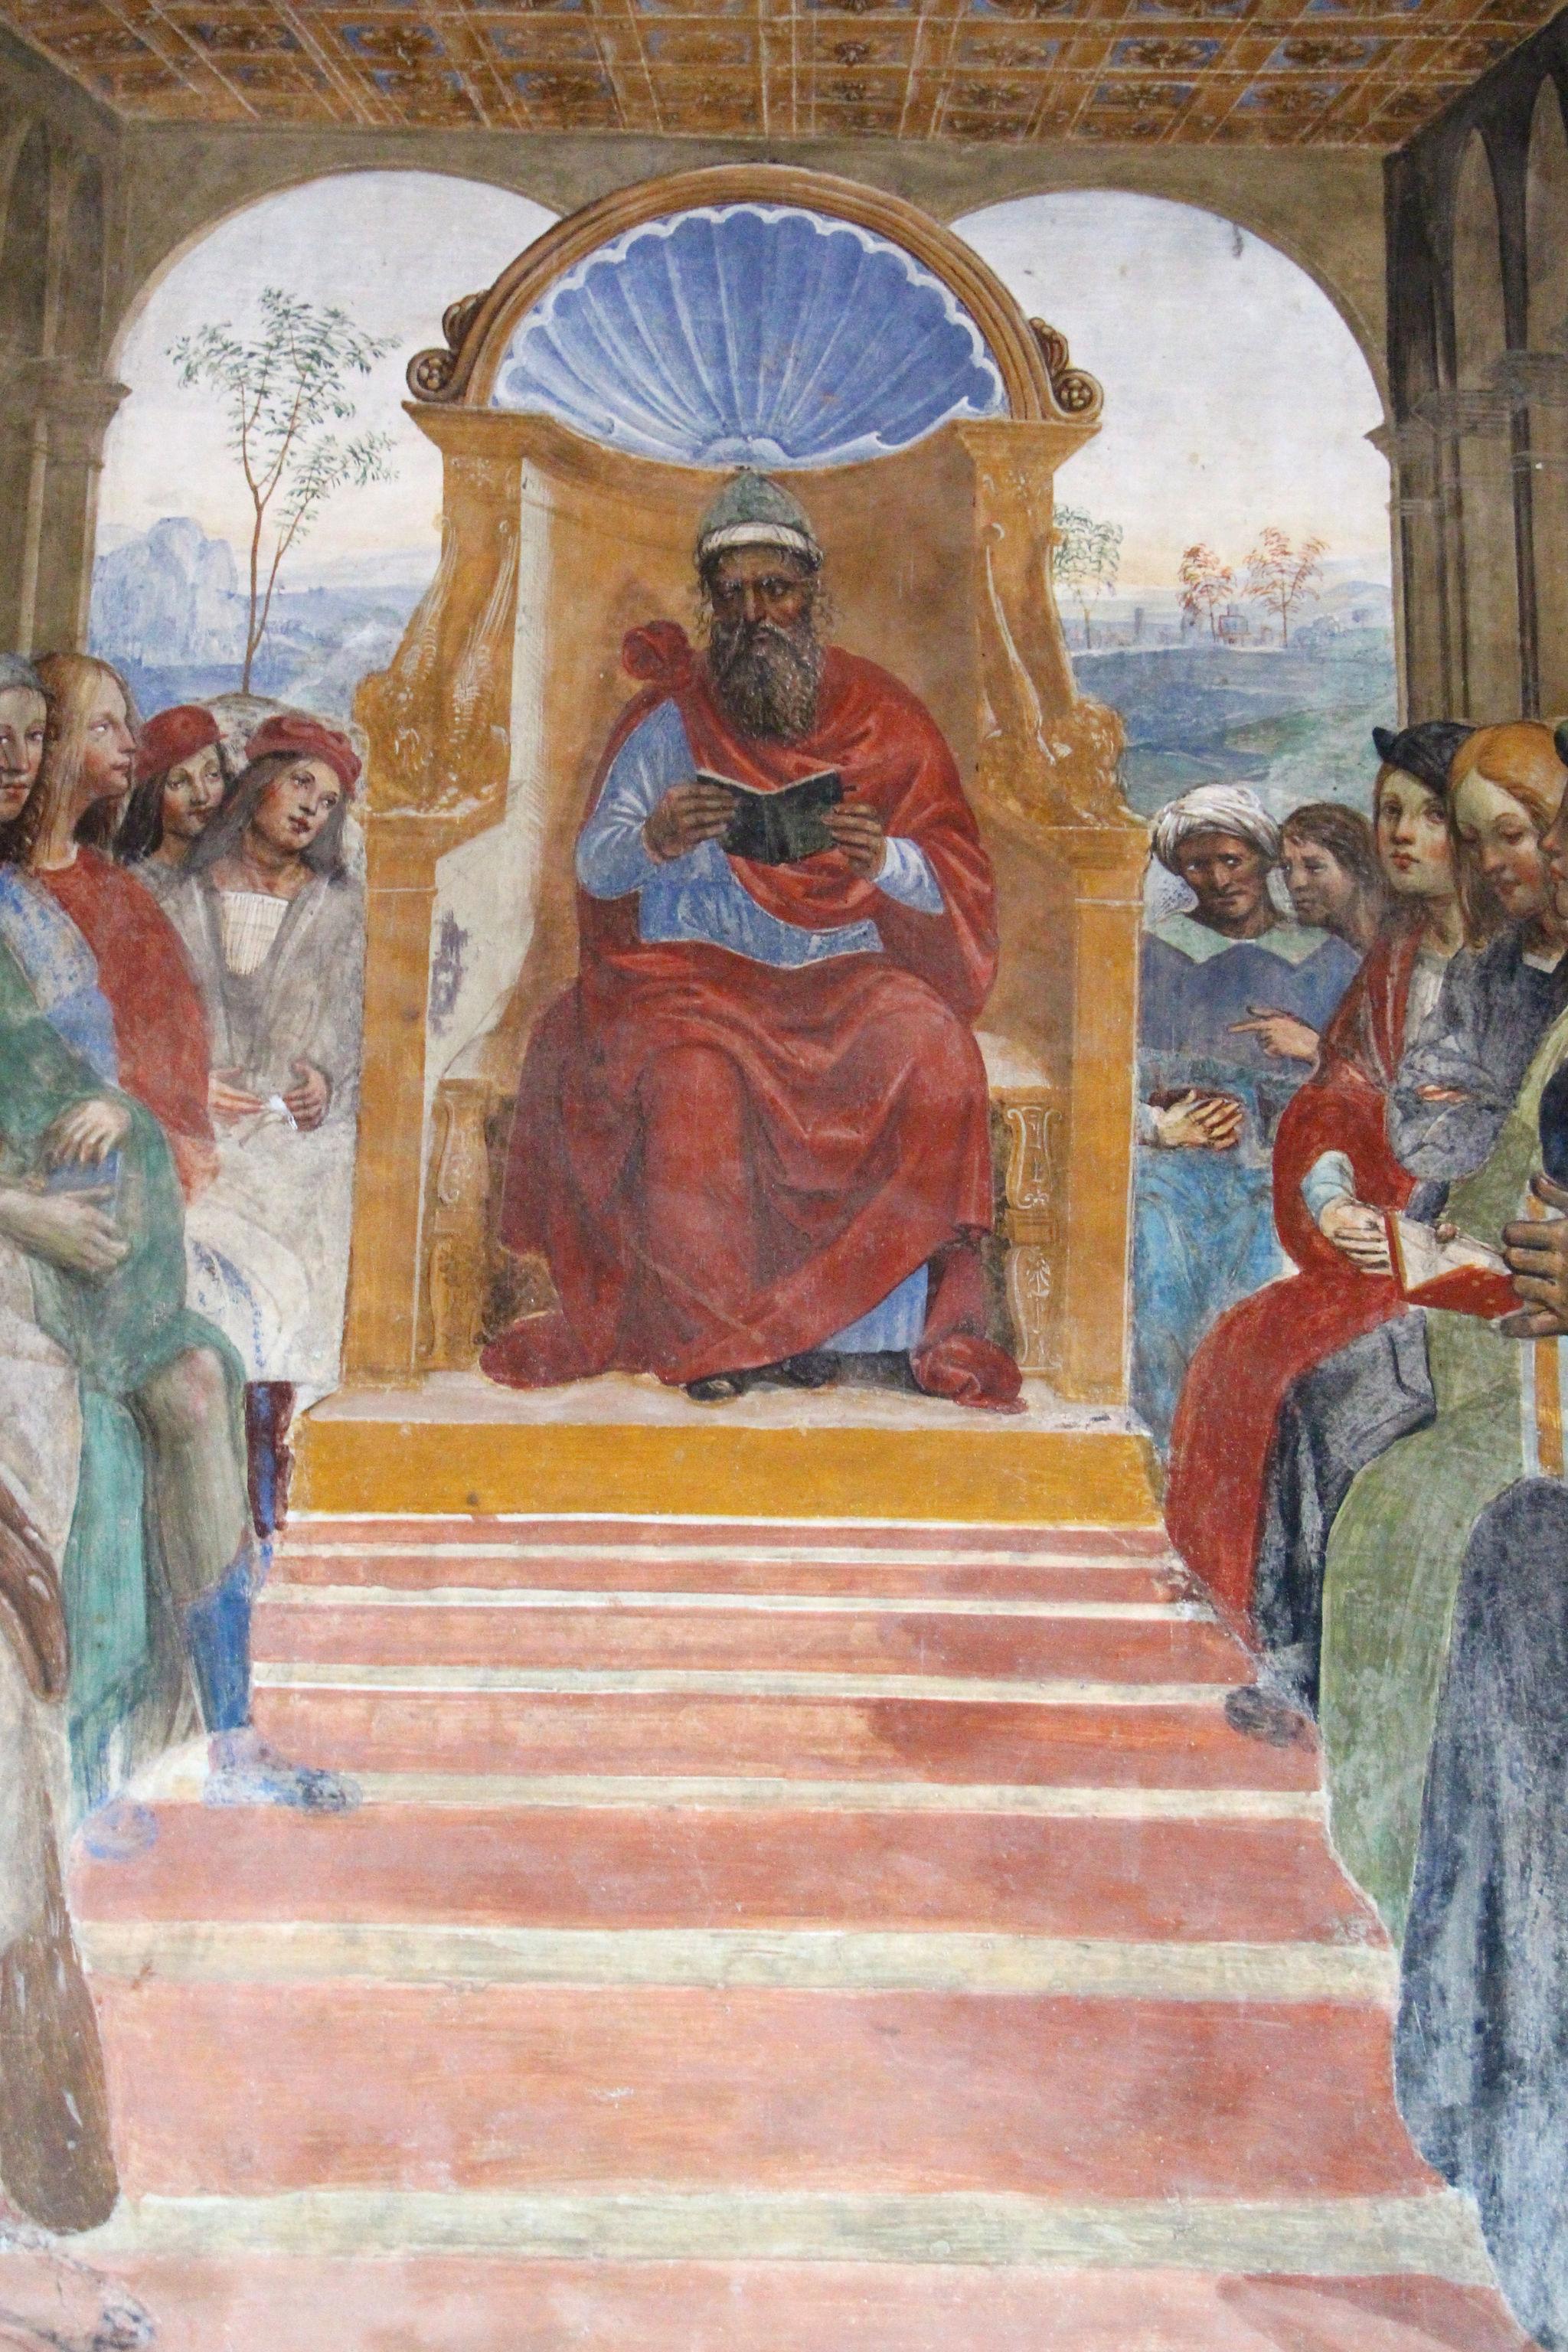 Storie di s. benedetto, 02 sodoma - Come Benedetto abbandona la scuola di roma 04